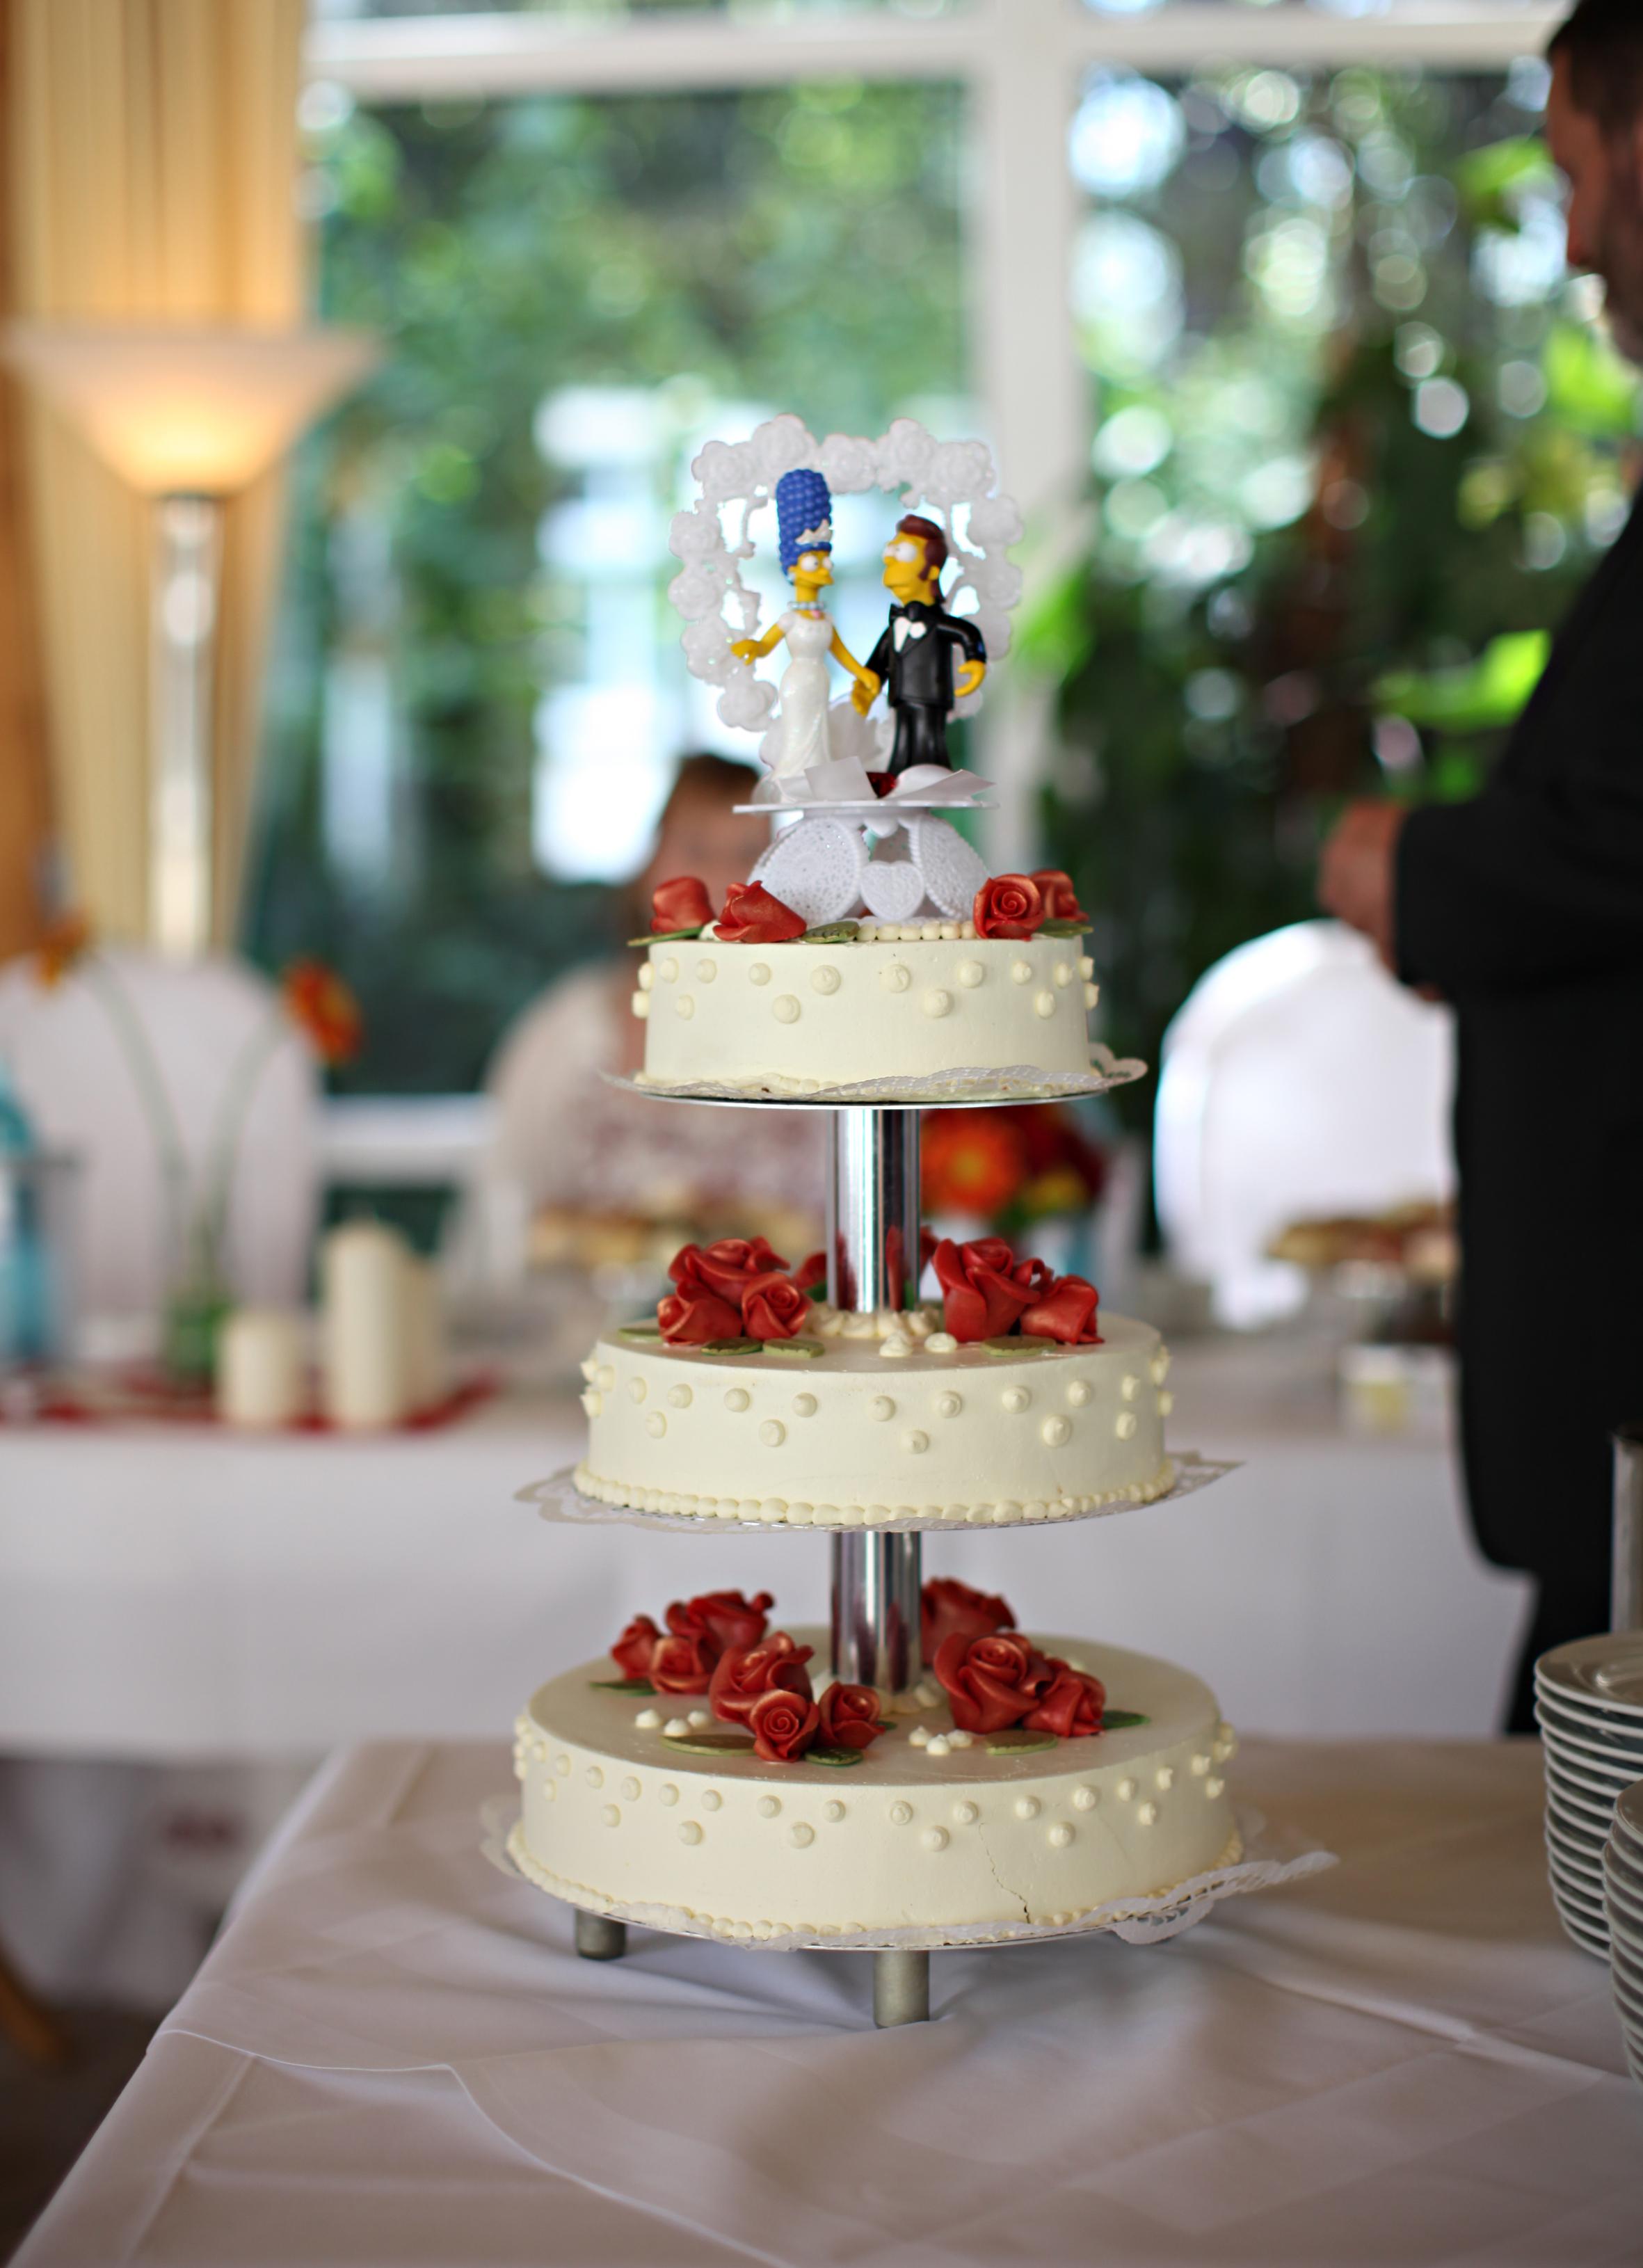 Romantische Hochzeitstorte Mit The Simpsons Figuren Wedding Deluxe